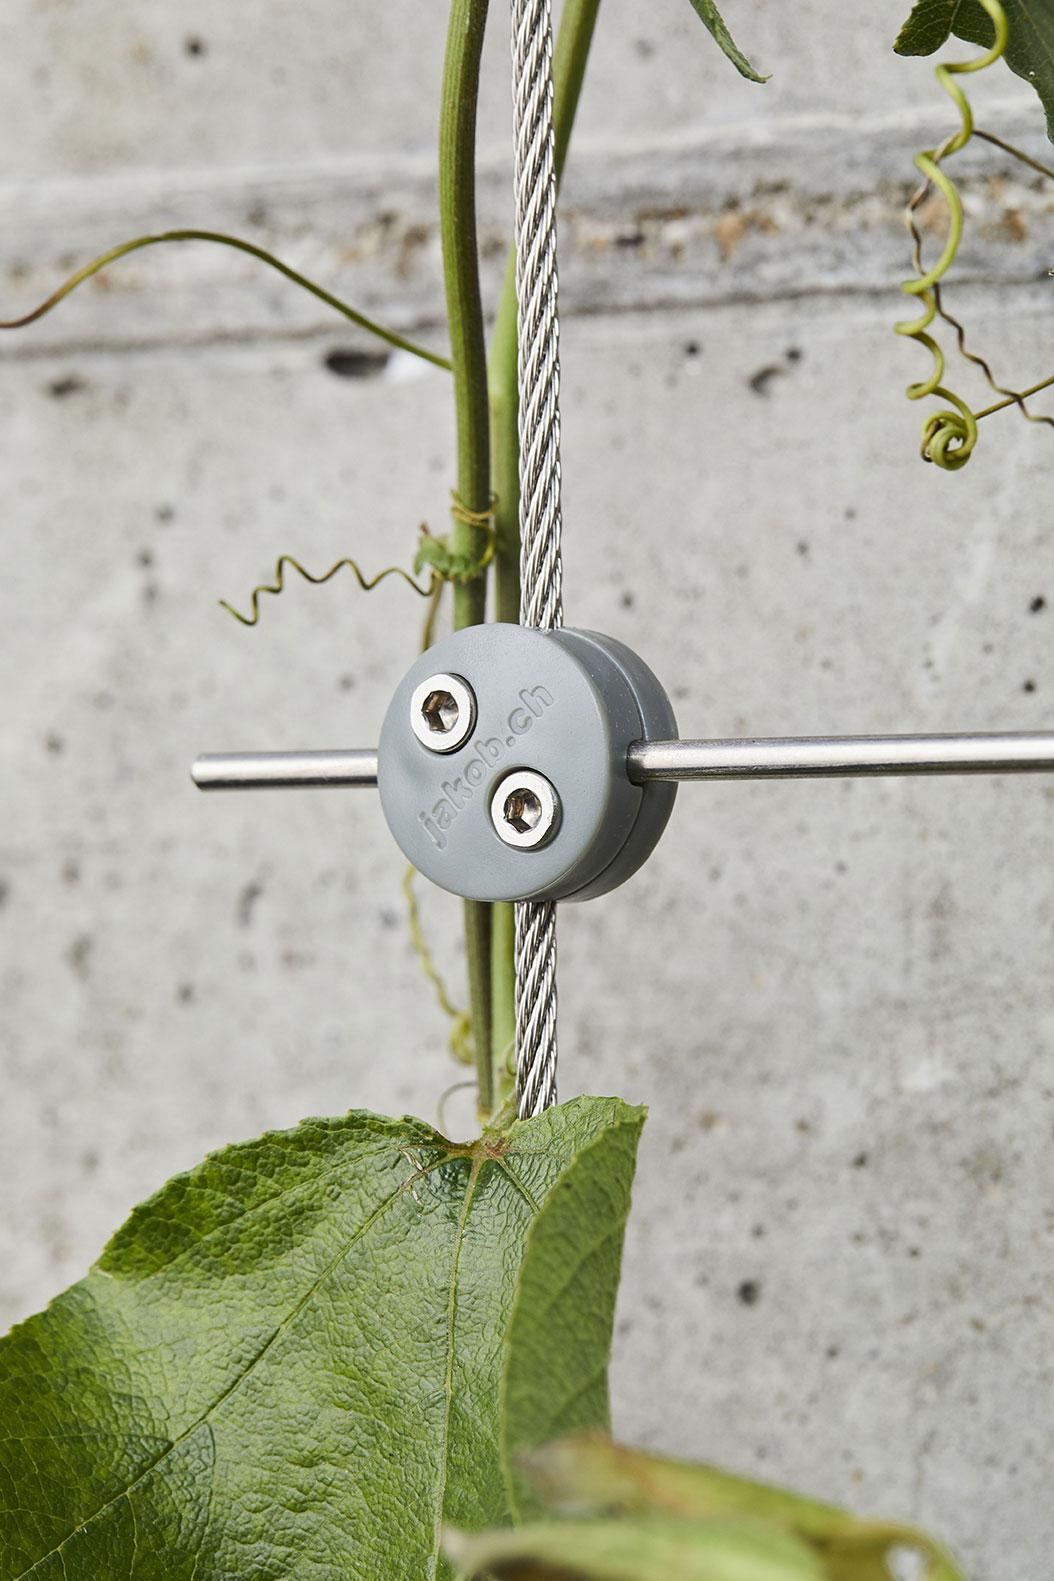 Jakob rope systems GreenKit för Greening